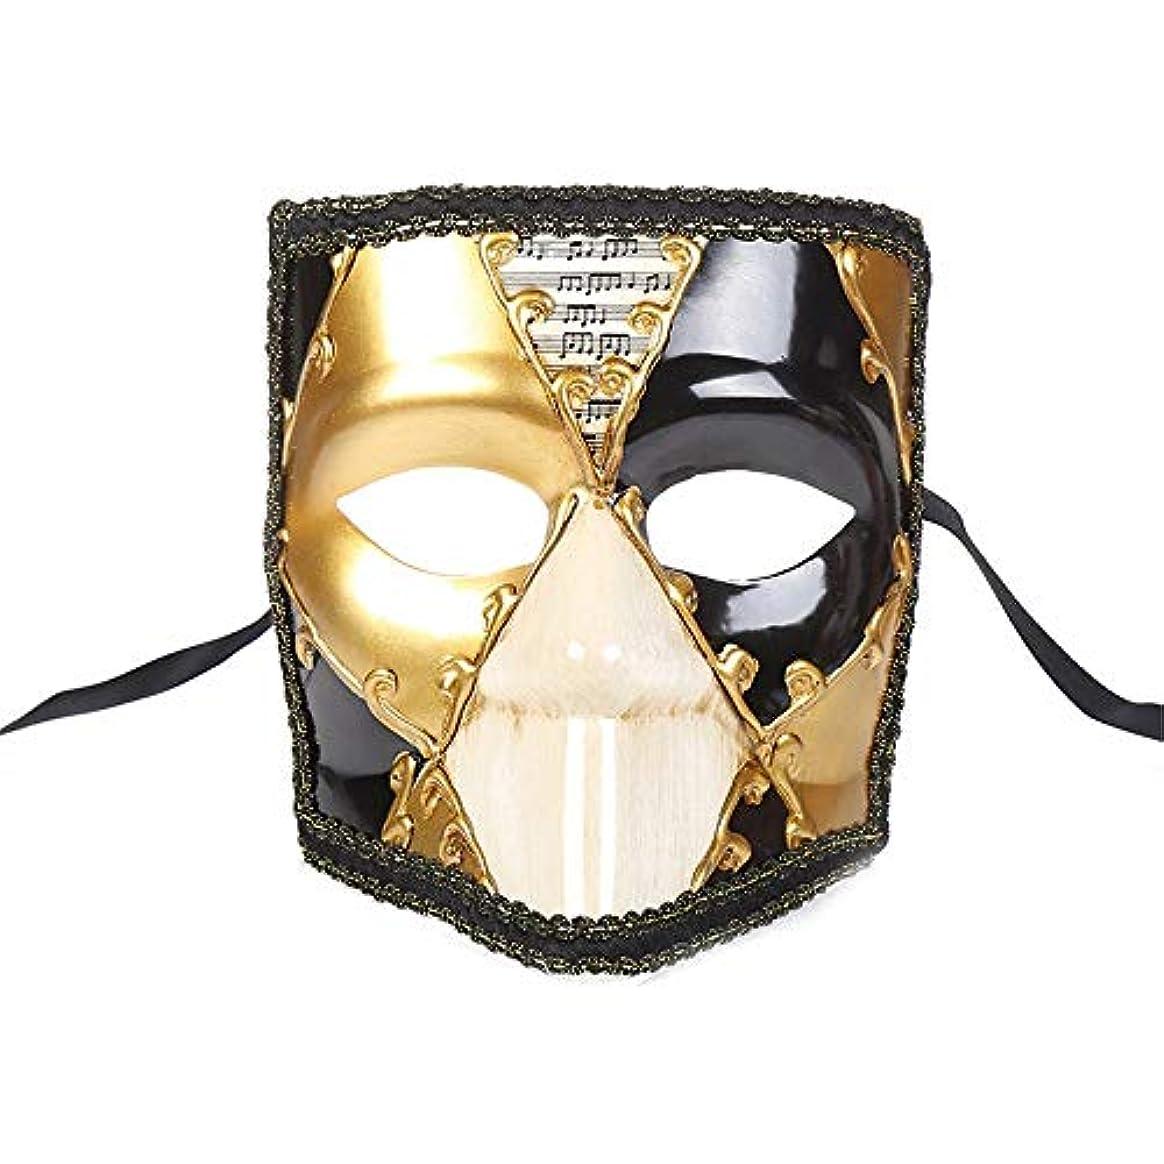 ベンチャースケッチ豊かなダンスマスク ピエロマスクヴィンテージマスカレードショーデコレーションコスプレナイトクラブプラスチック厚いマスク パーティーマスク (色 : 黄, サイズ : 18x15cm)